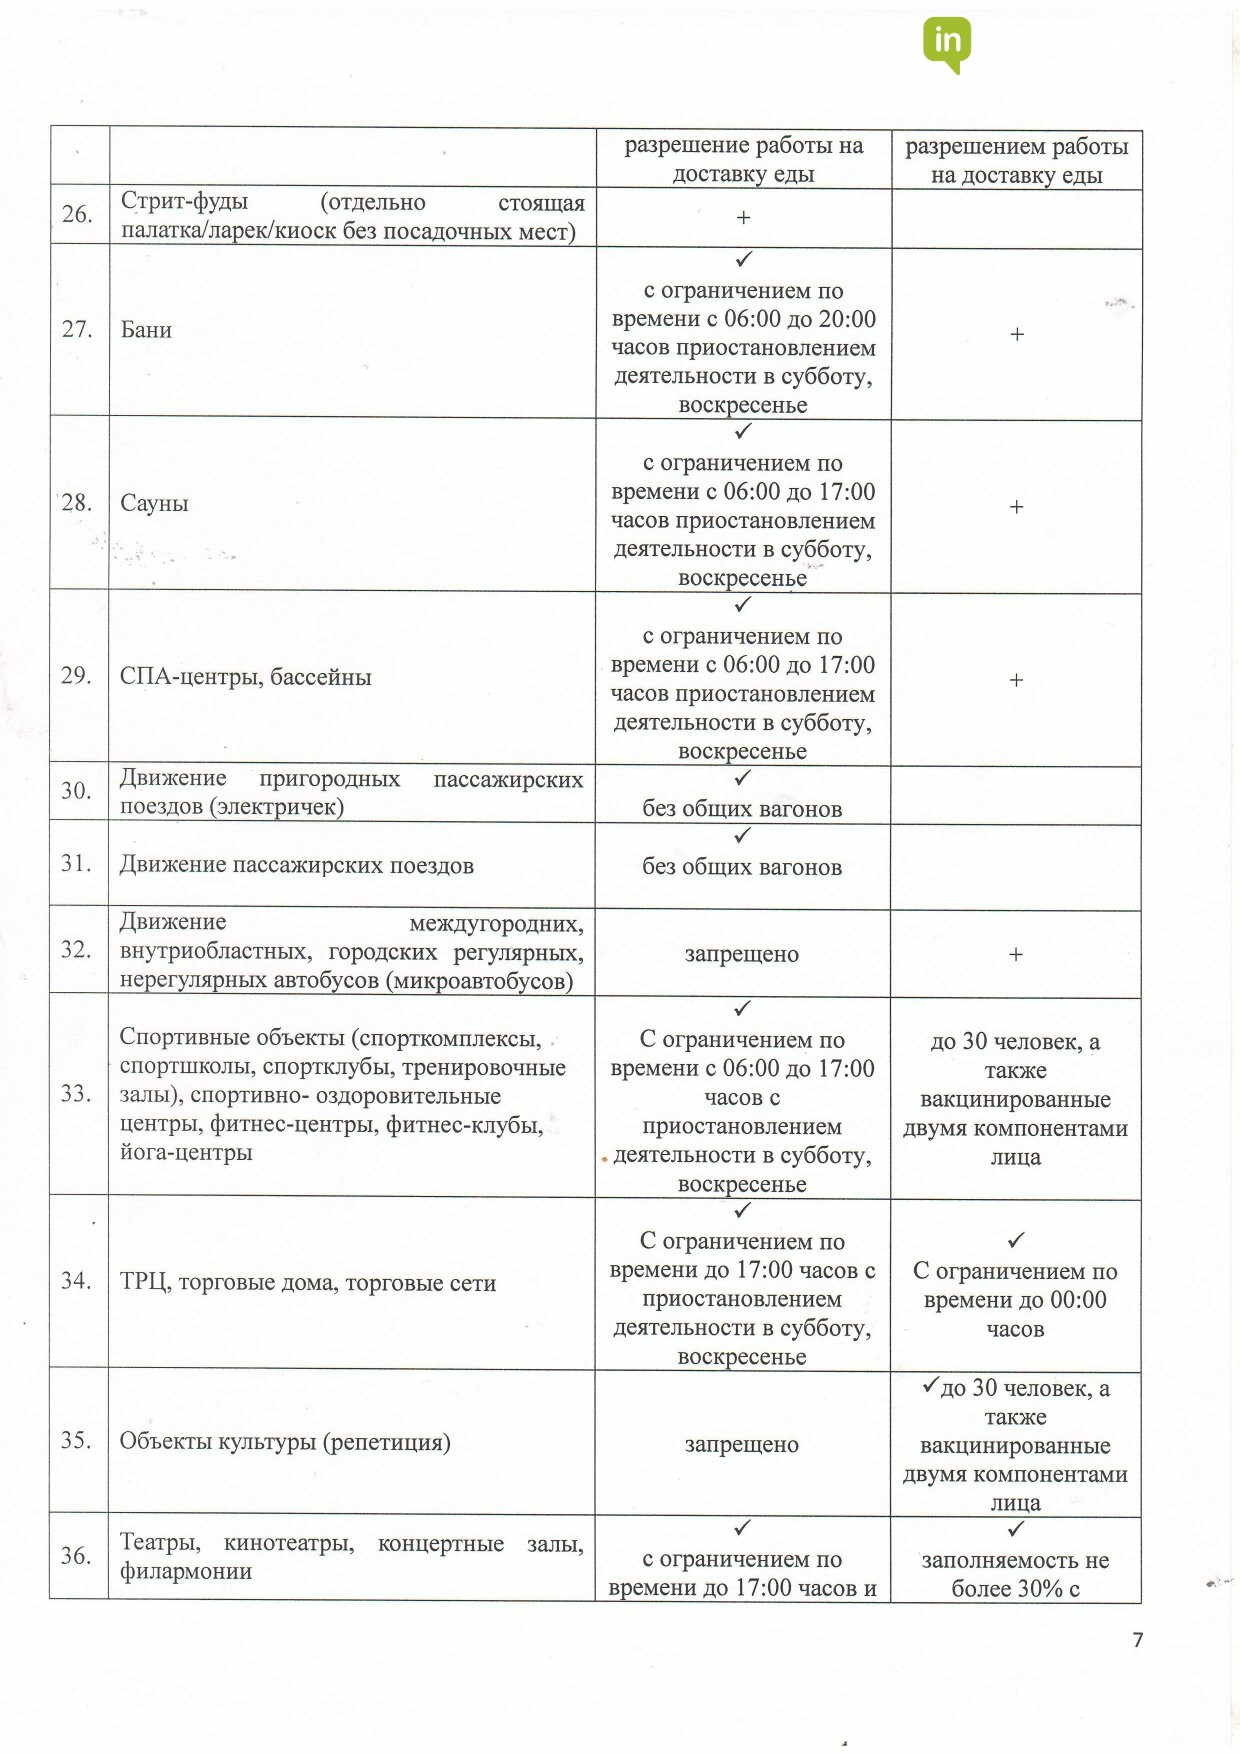 Опубликовано новое постановление главного государственного санврача Мангистау, фото-7